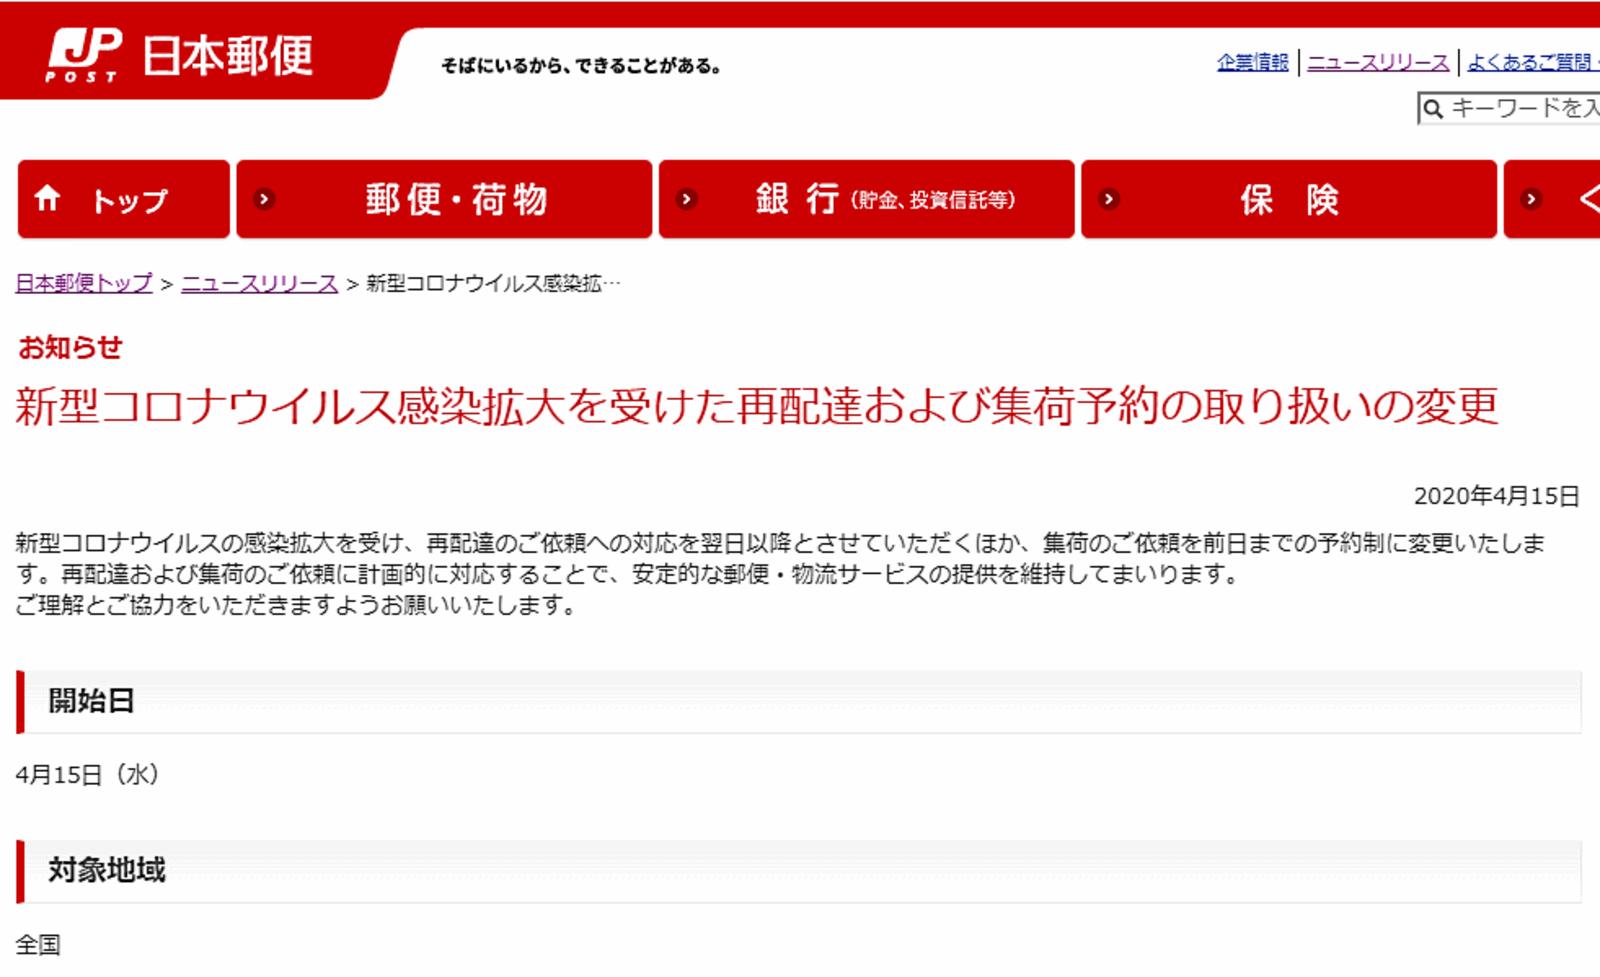 日本 郵便 再 配達 受付 センター